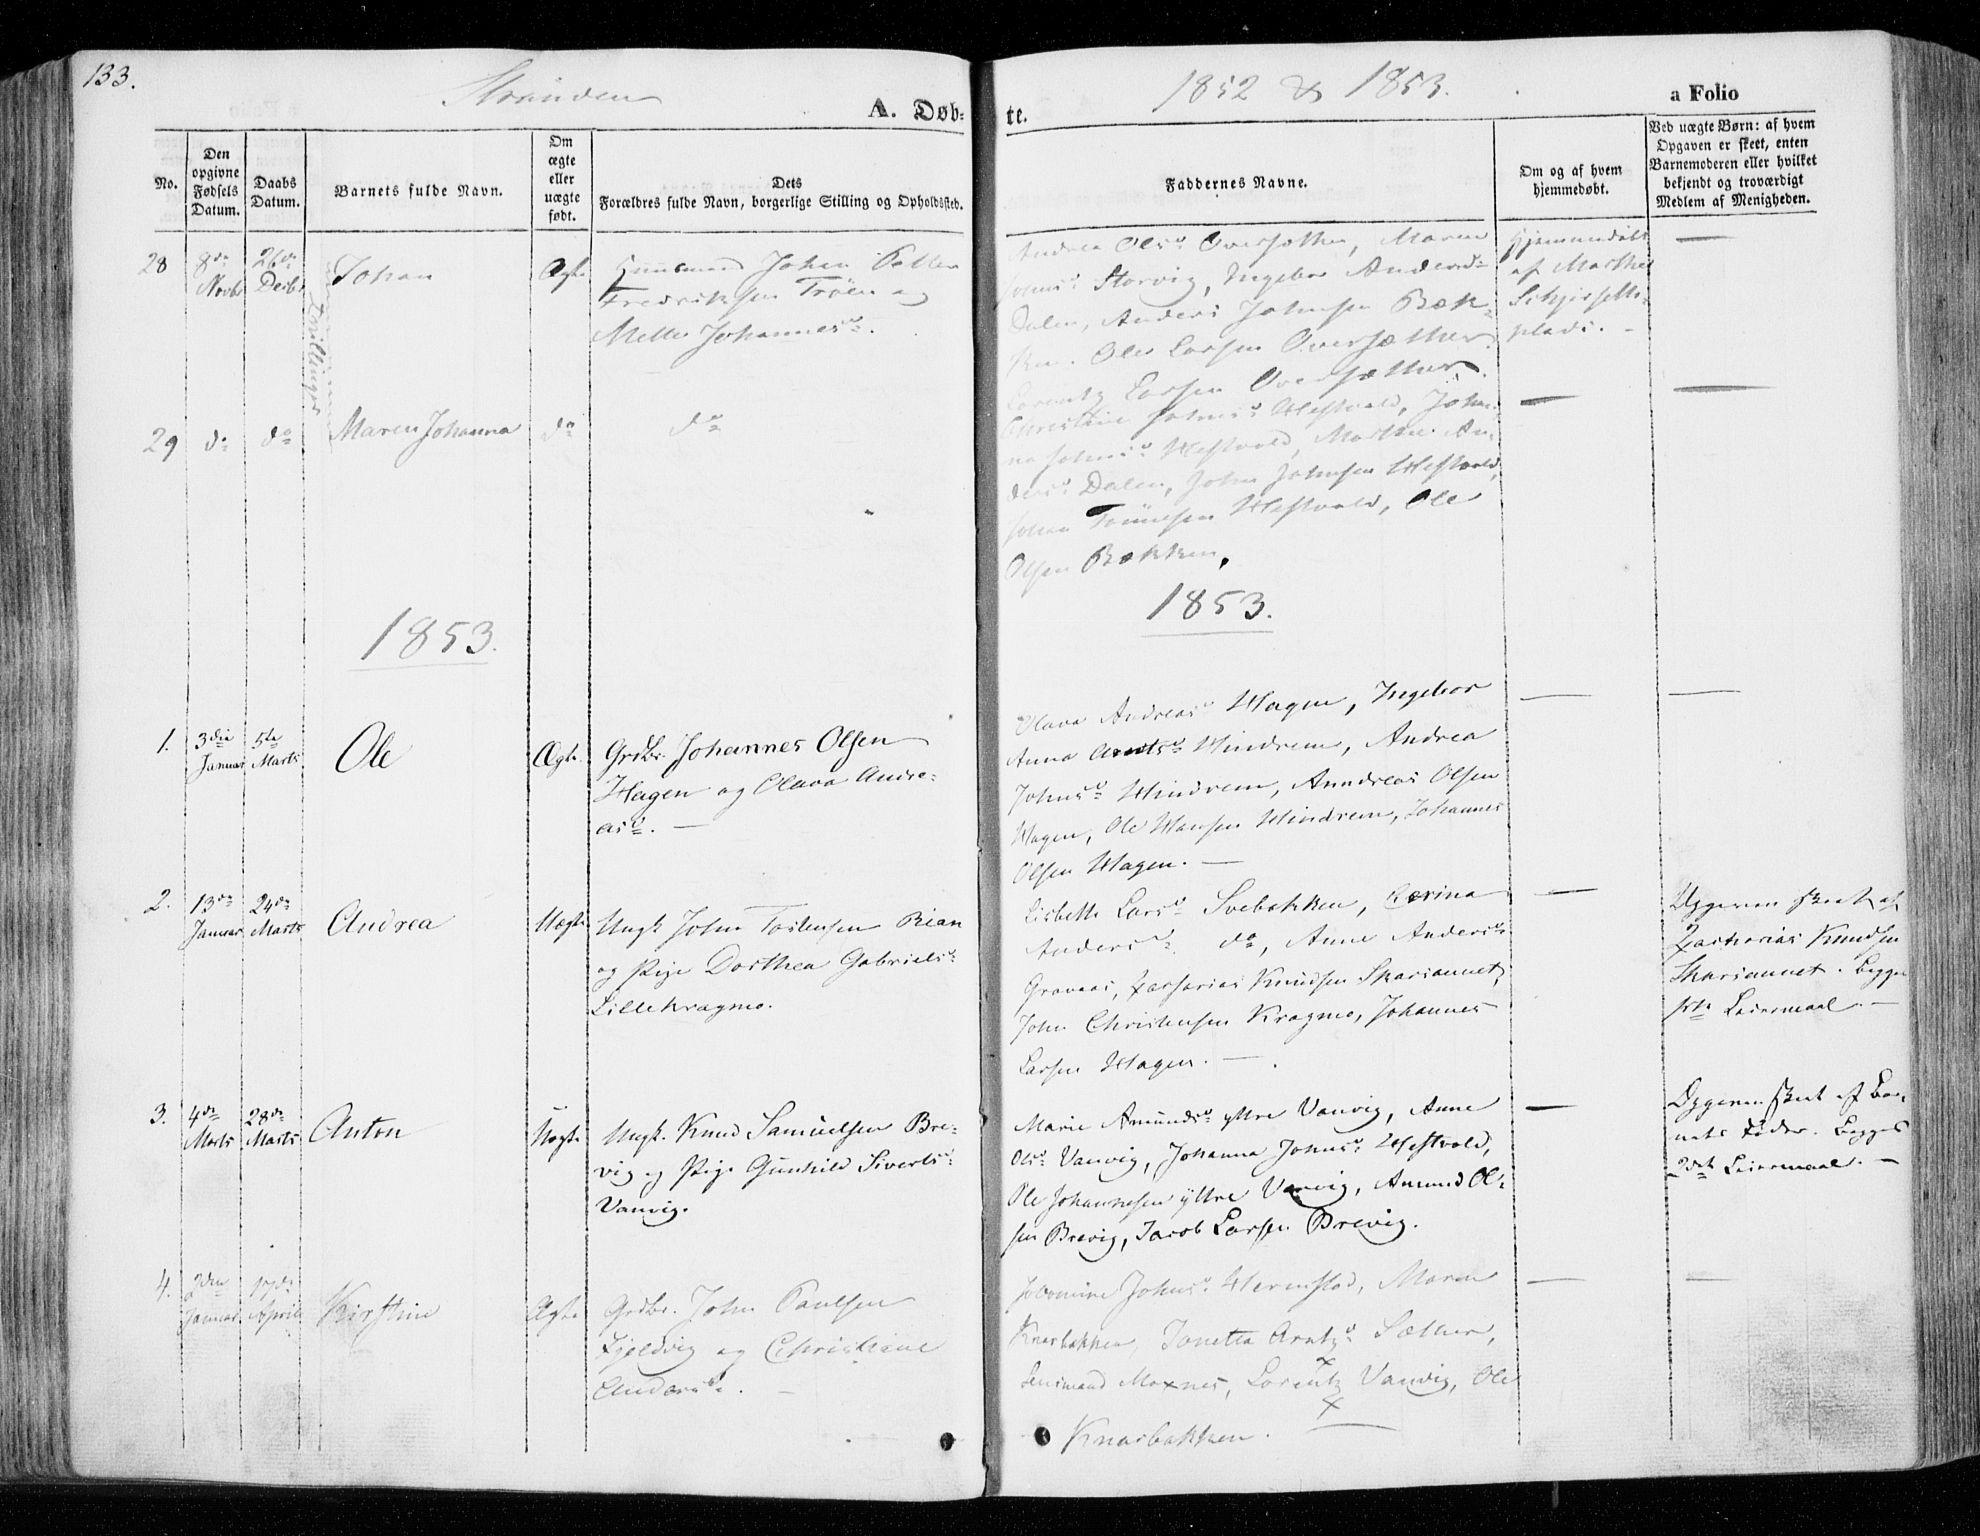 SAT, Ministerialprotokoller, klokkerbøker og fødselsregistre - Nord-Trøndelag, 701/L0007: Ministerialbok nr. 701A07 /2, 1842-1854, s. 133